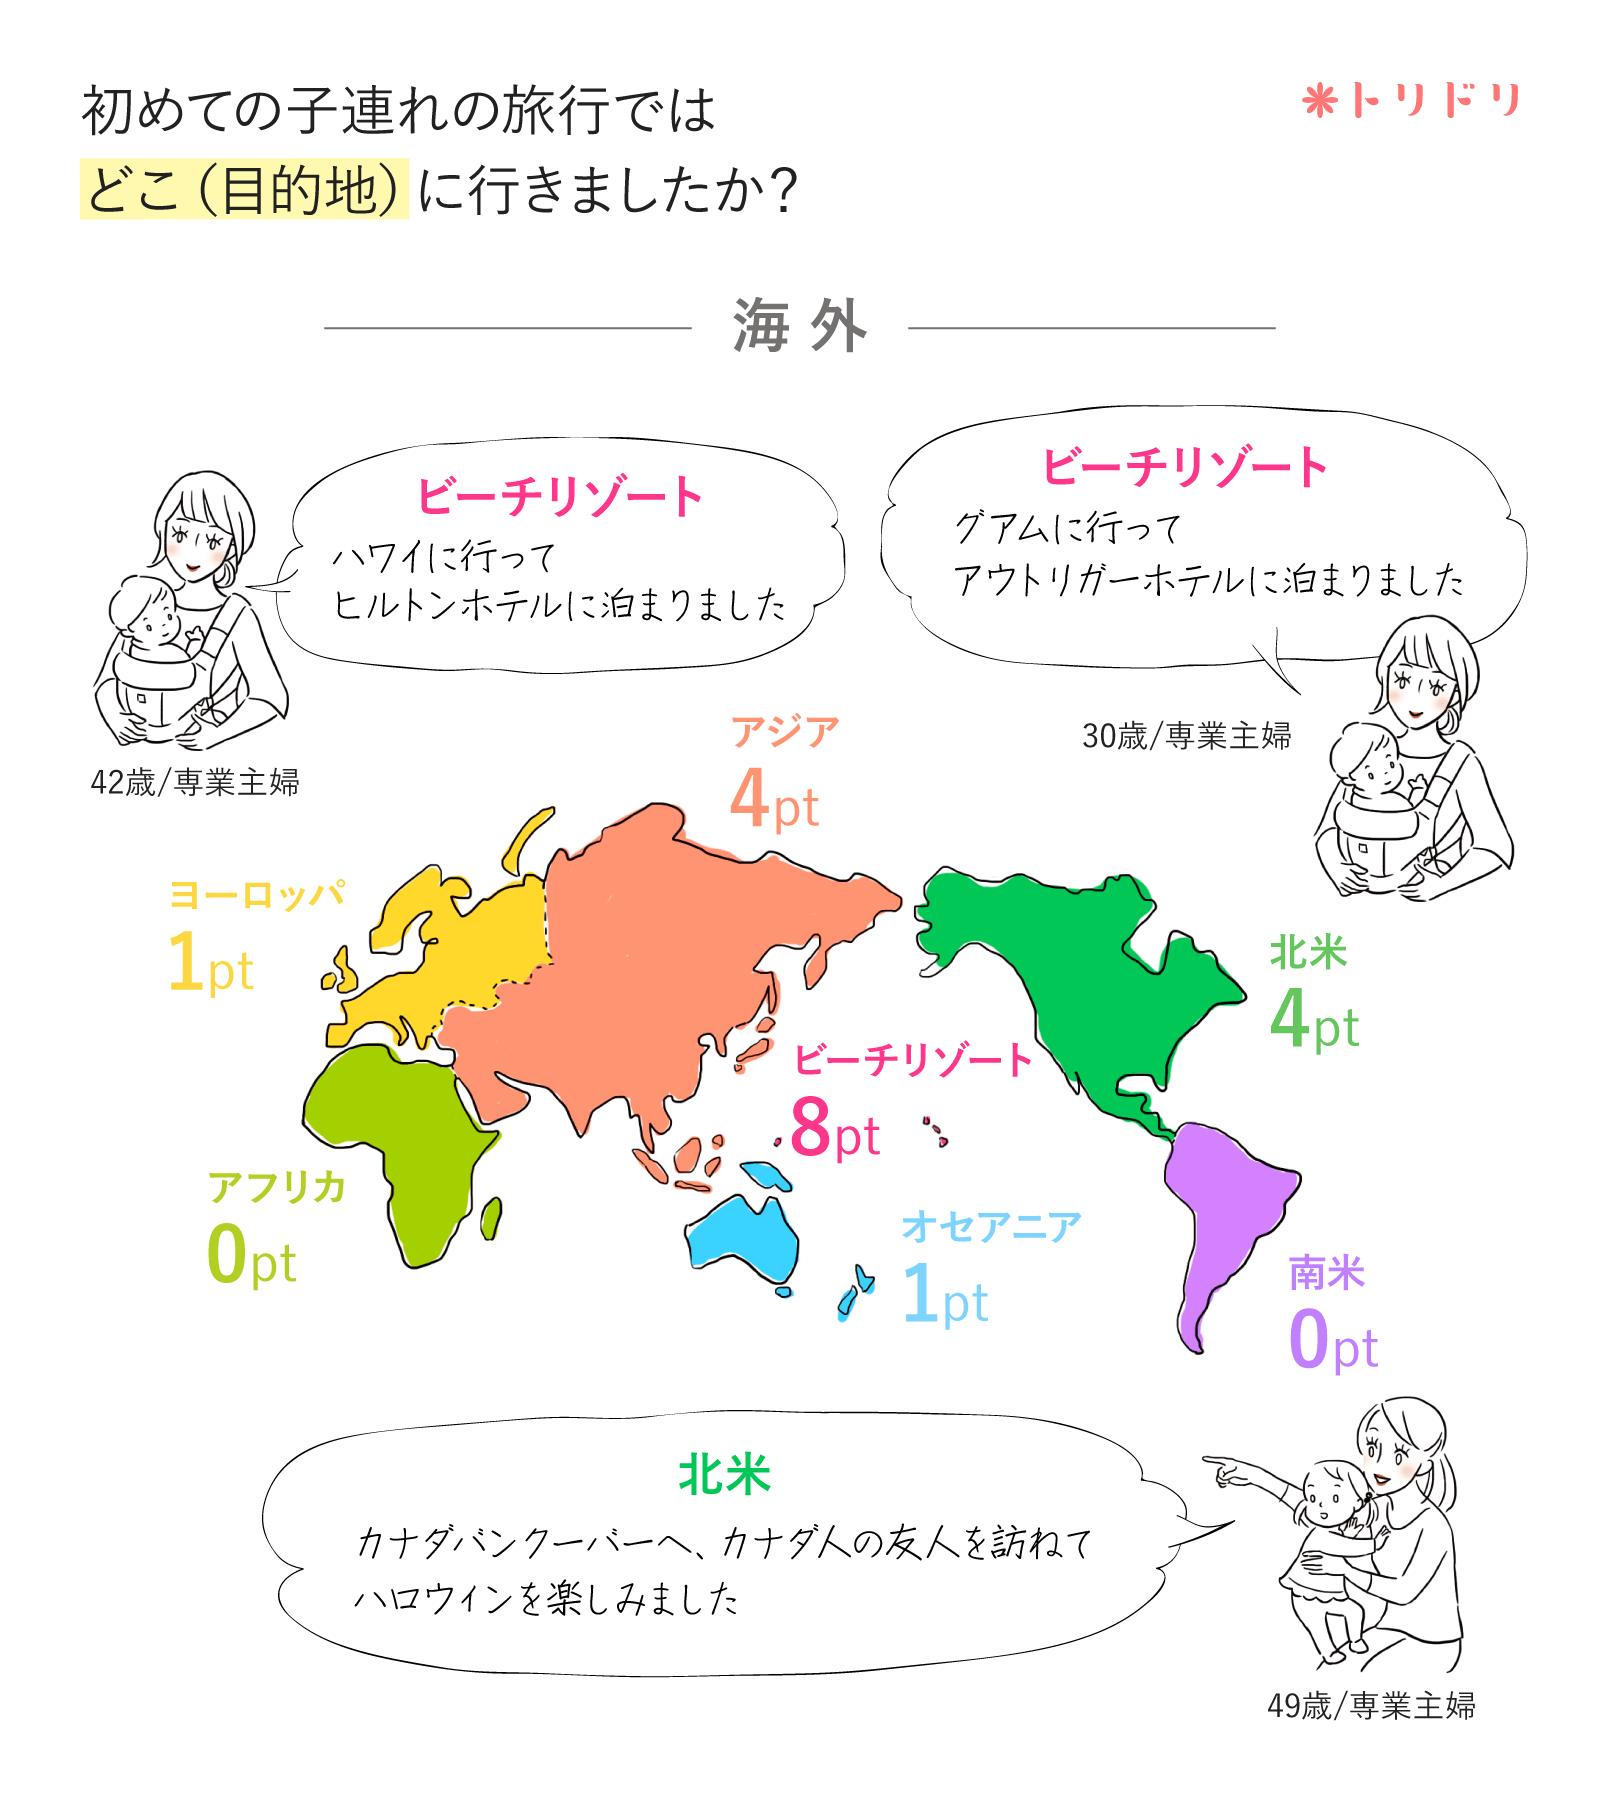 アンケートのグラフ:初めての子連れの旅行ではどこ(目的地)に行きましたか?(海外)